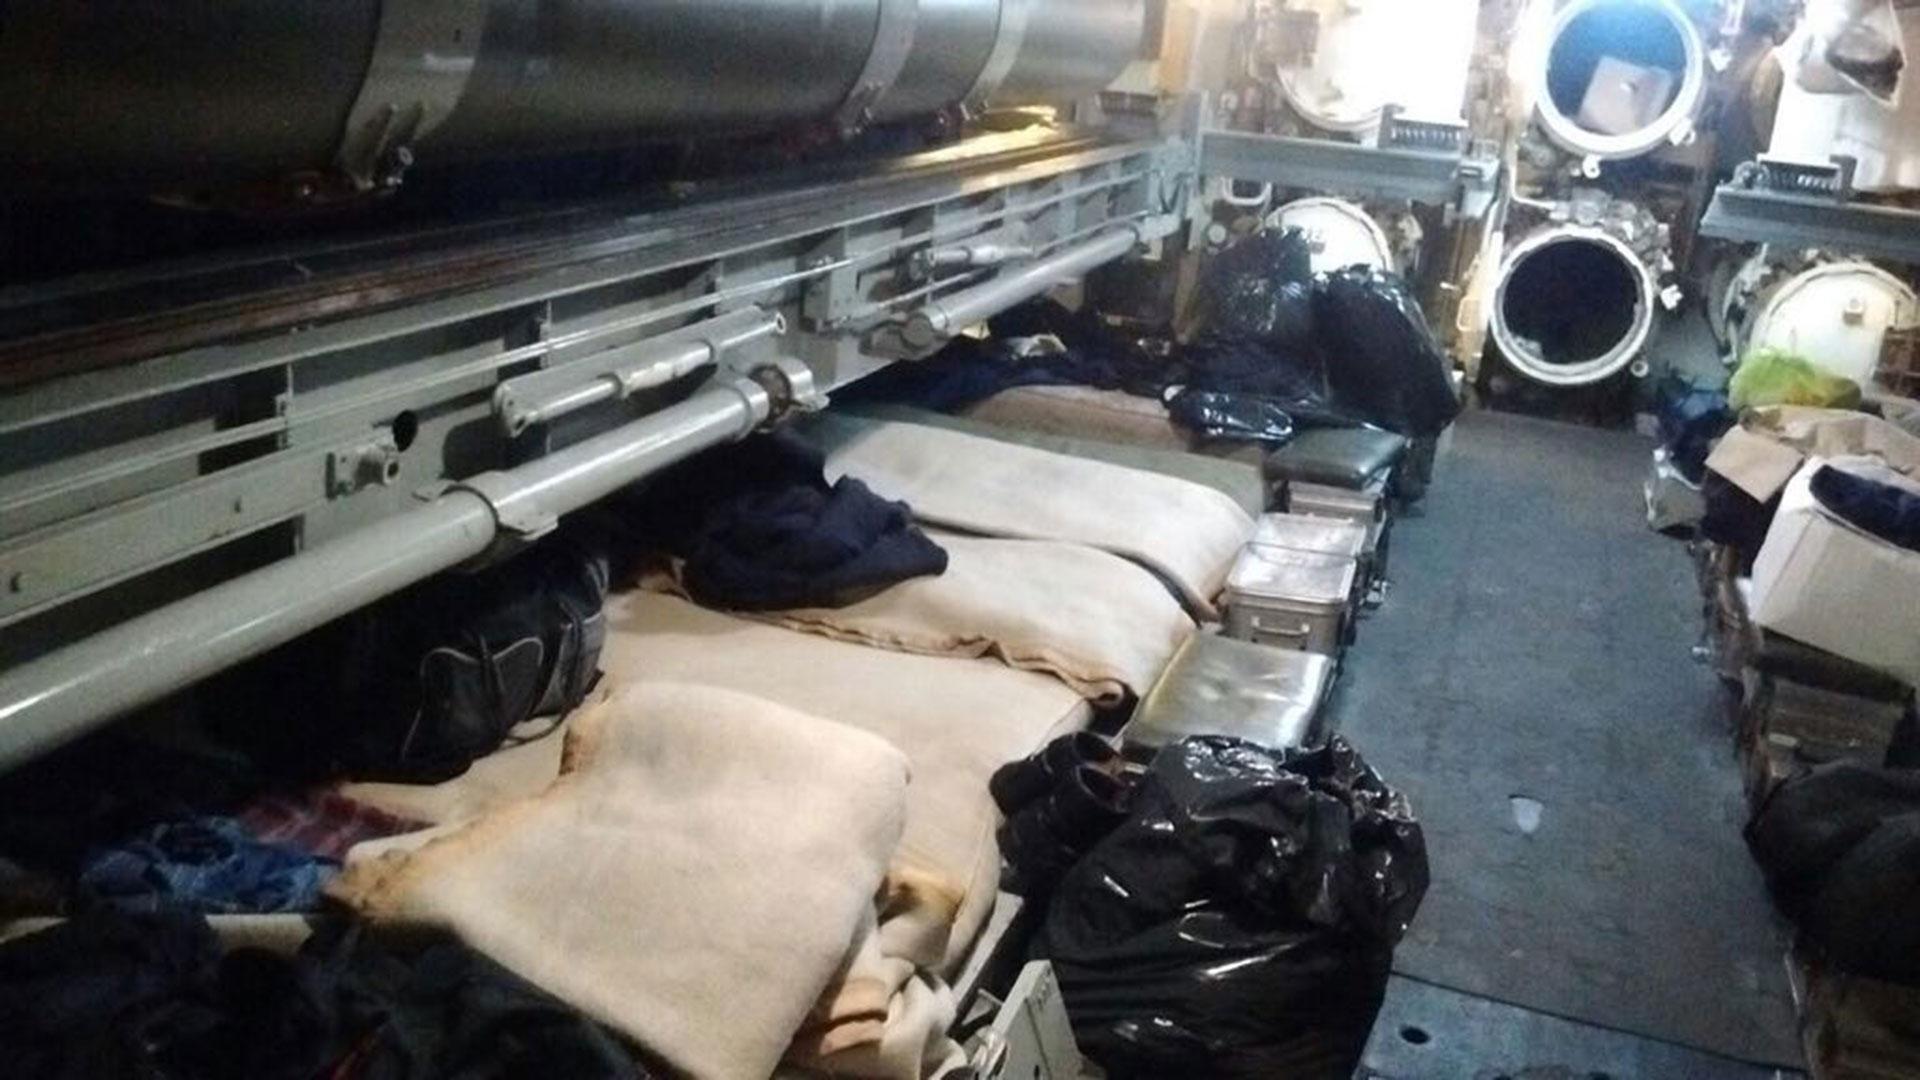 El lugar dónde dormía en el ARA San Juan el agente de Inteligencia Enrique Damián Castillo, según la foto que él mismo le envió a su mujer antes de la desaparición del submarino